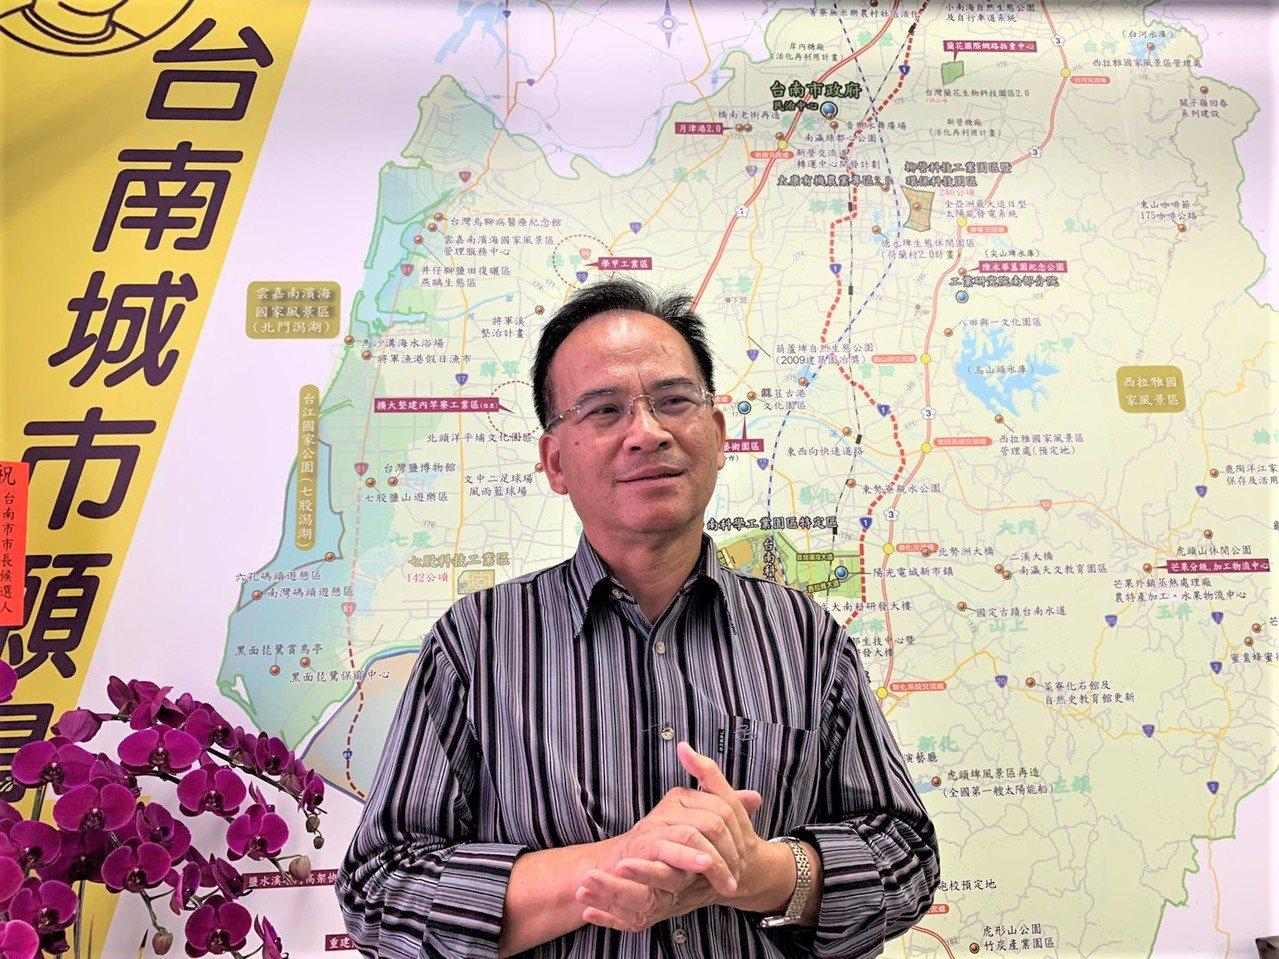 前台南縣長蘇煥智說組黨是心繫台灣改革還沒有成功。圖/本報資料照片